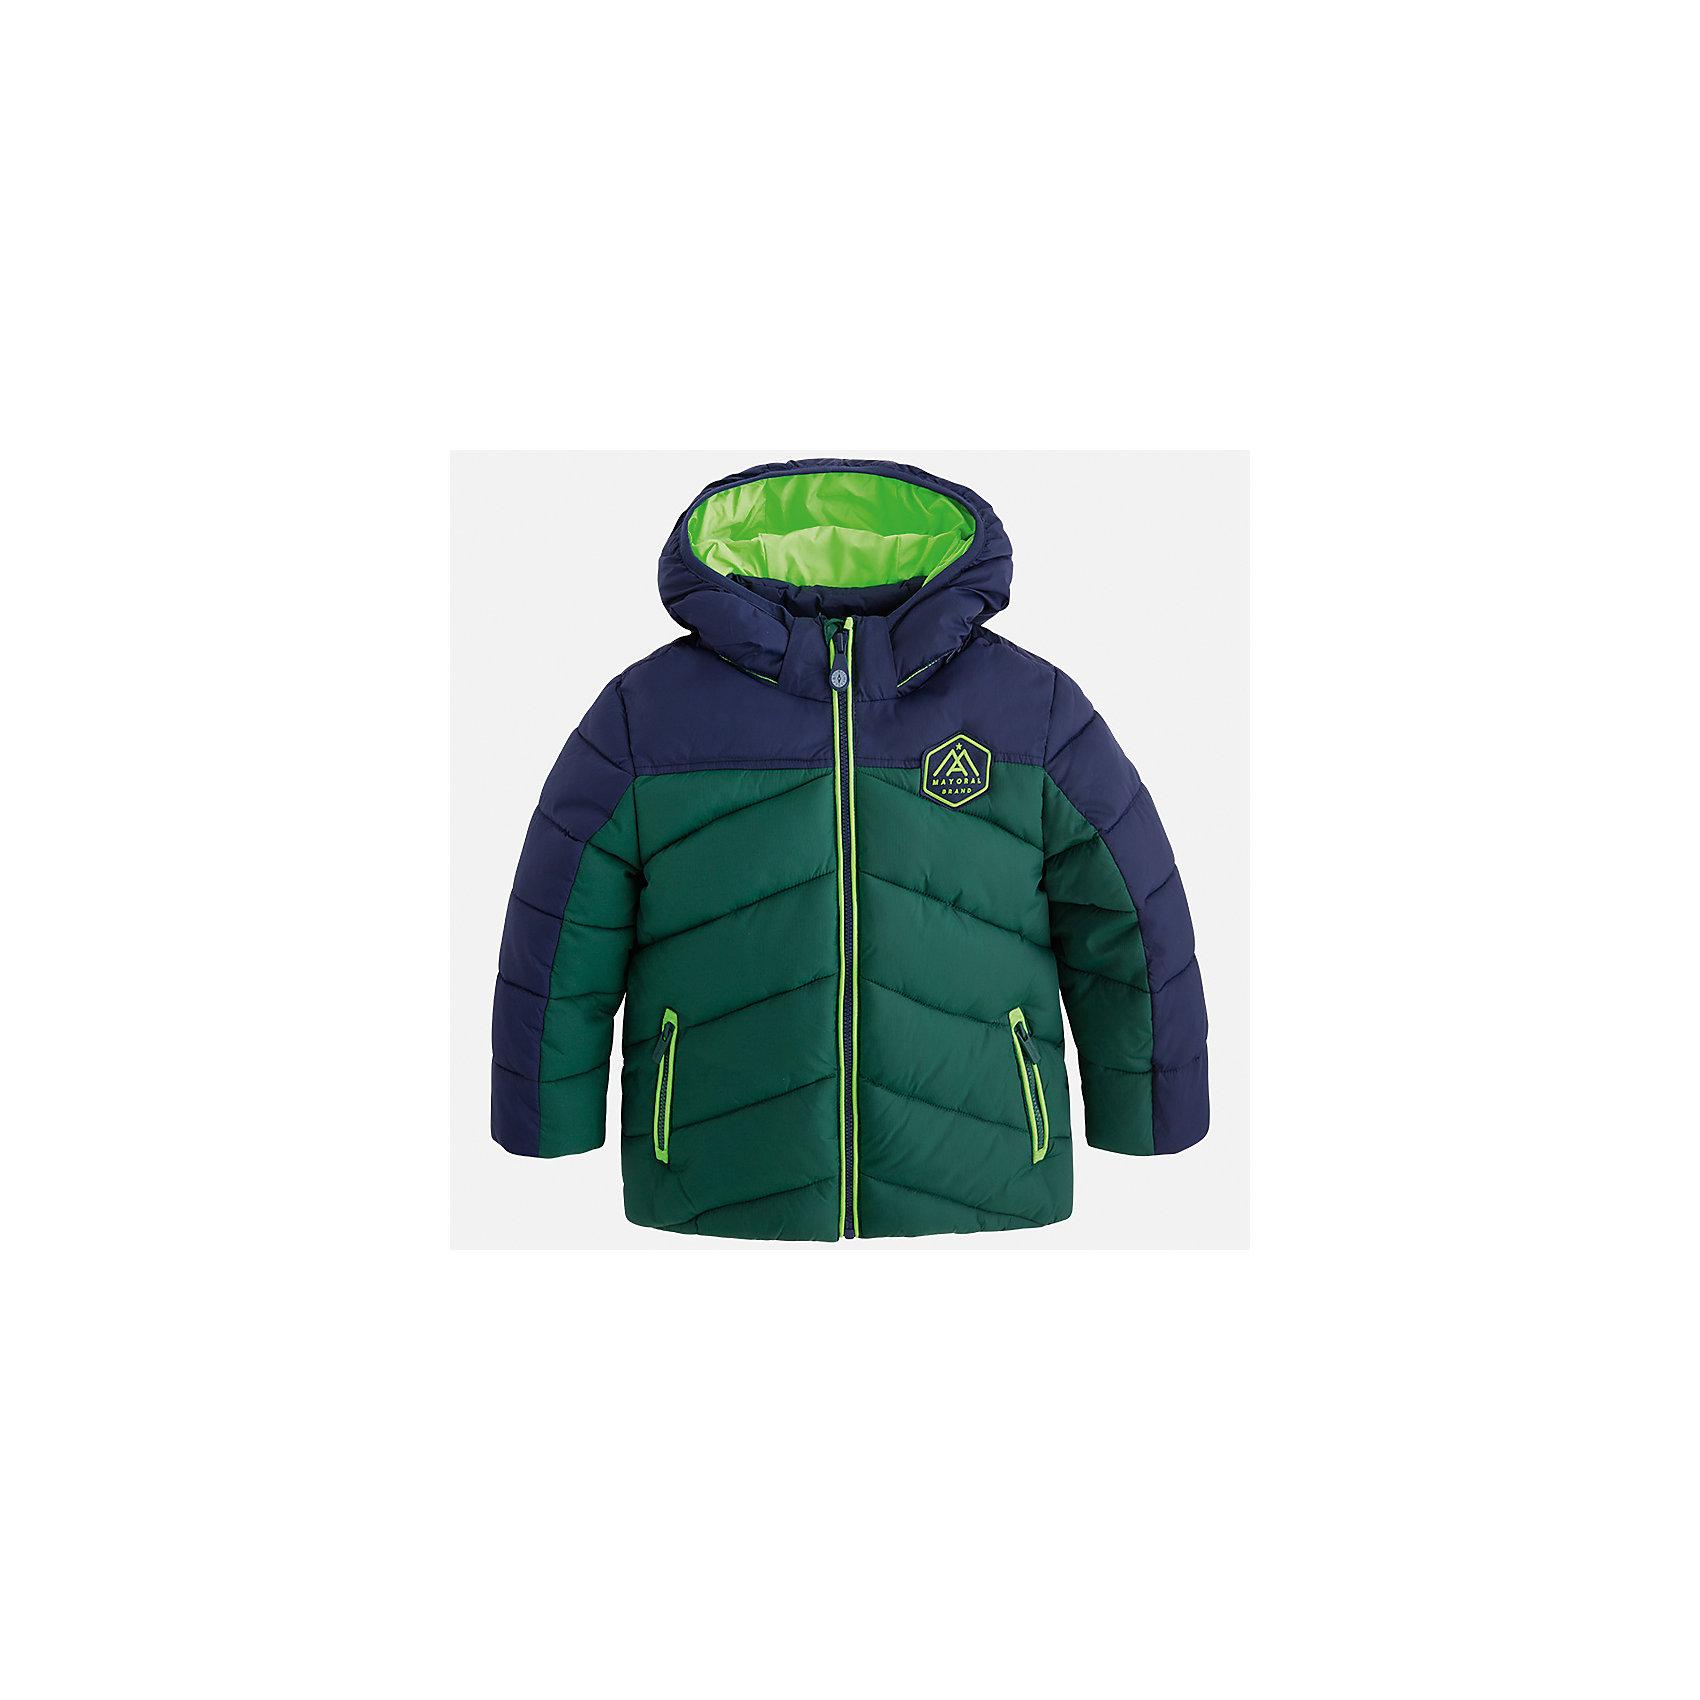 Куртка для мальчика MayoralВерхняя одежда<br>Характеристики товара:<br><br>• цвет: зеленый<br>• состав ткани: 100% полиамид<br>• подкладка: 100% полиамид<br>• утеплитель: 100% полиэстер<br>• сезон: демисезон<br>• температурный режим: от -10 до +10<br>• особенности модели: с капюшоном, дутая, стеганая<br>• карманы на молнии<br>• застежка: пуговицы<br>• страна бренда: Испания<br>• страна изготовитель: Индия<br><br>Яркая демисезонная куртка для мальчика от Майорал поможет обеспечить ребенку комфорт и тепло. Детская куртка с капюшоном отличается модным и продуманным дизайном. В куртке для мальчика от испанской компании Майорал ребенок будет выглядеть модно, а чувствовать себя - комфортно. <br><br>Куртку для мальчика Mayoral (Майорал) можно купить в нашем интернет-магазине.<br><br>Ширина мм: 356<br>Глубина мм: 10<br>Высота мм: 245<br>Вес г: 519<br>Цвет: зеленый<br>Возраст от месяцев: 18<br>Возраст до месяцев: 24<br>Пол: Мужской<br>Возраст: Детский<br>Размер: 92,134,128,122,116,110,104,98<br>SKU: 6934778